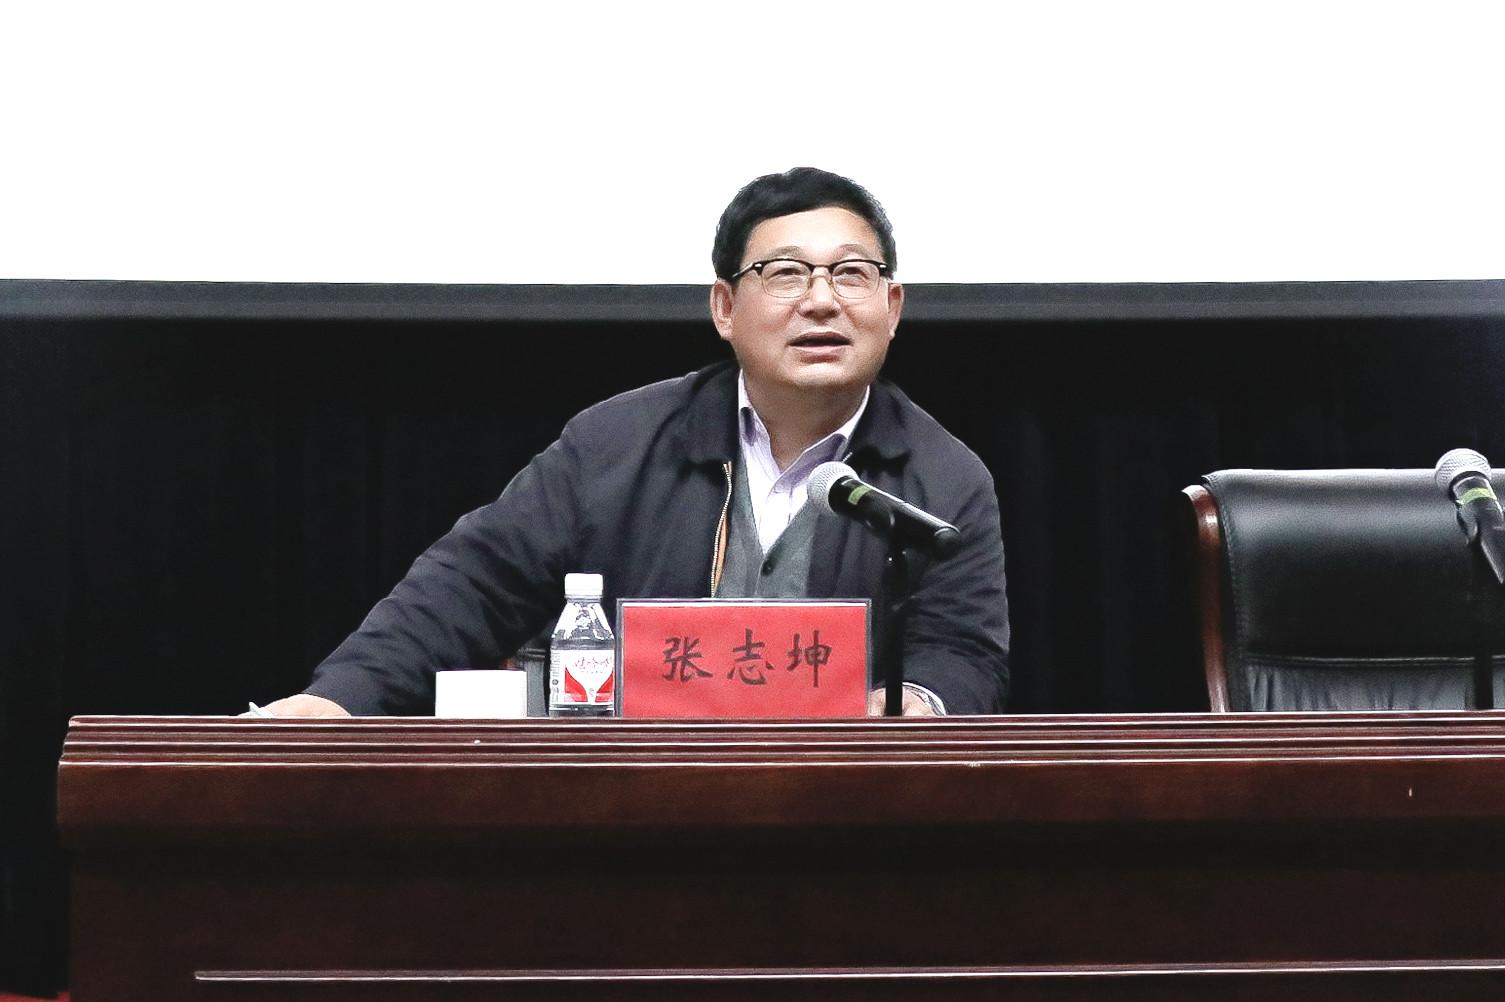 党委书记张志坤为师生上形势与政策课